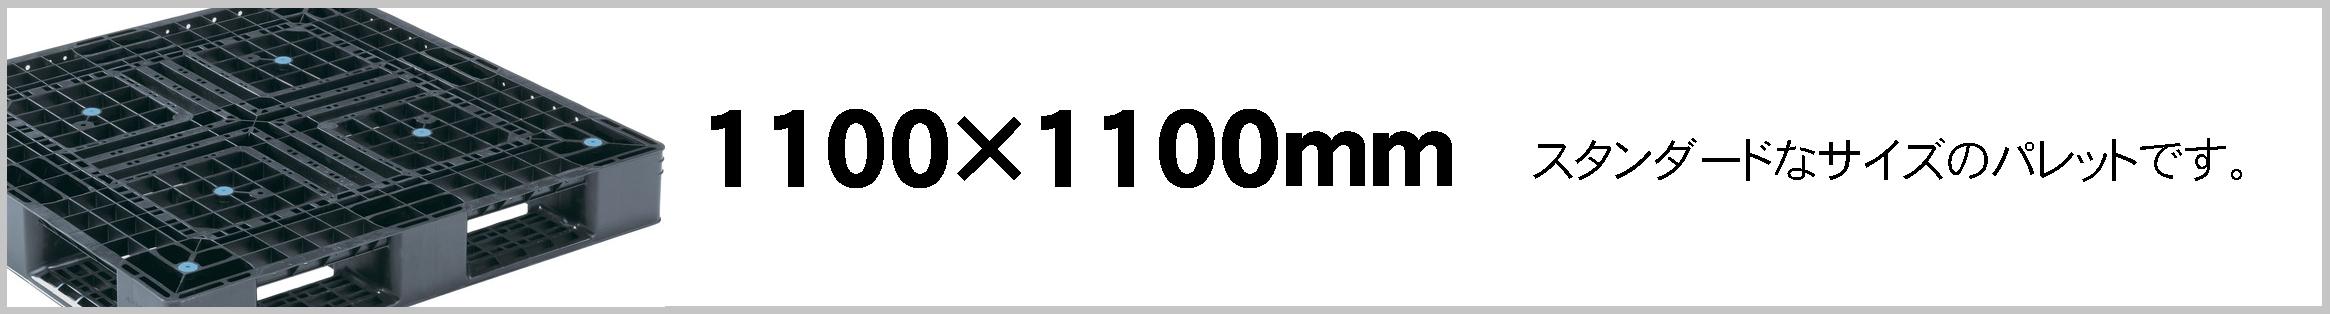 プラスチックパレット(三甲、岐阜プラスチック工業)1100×1100mm